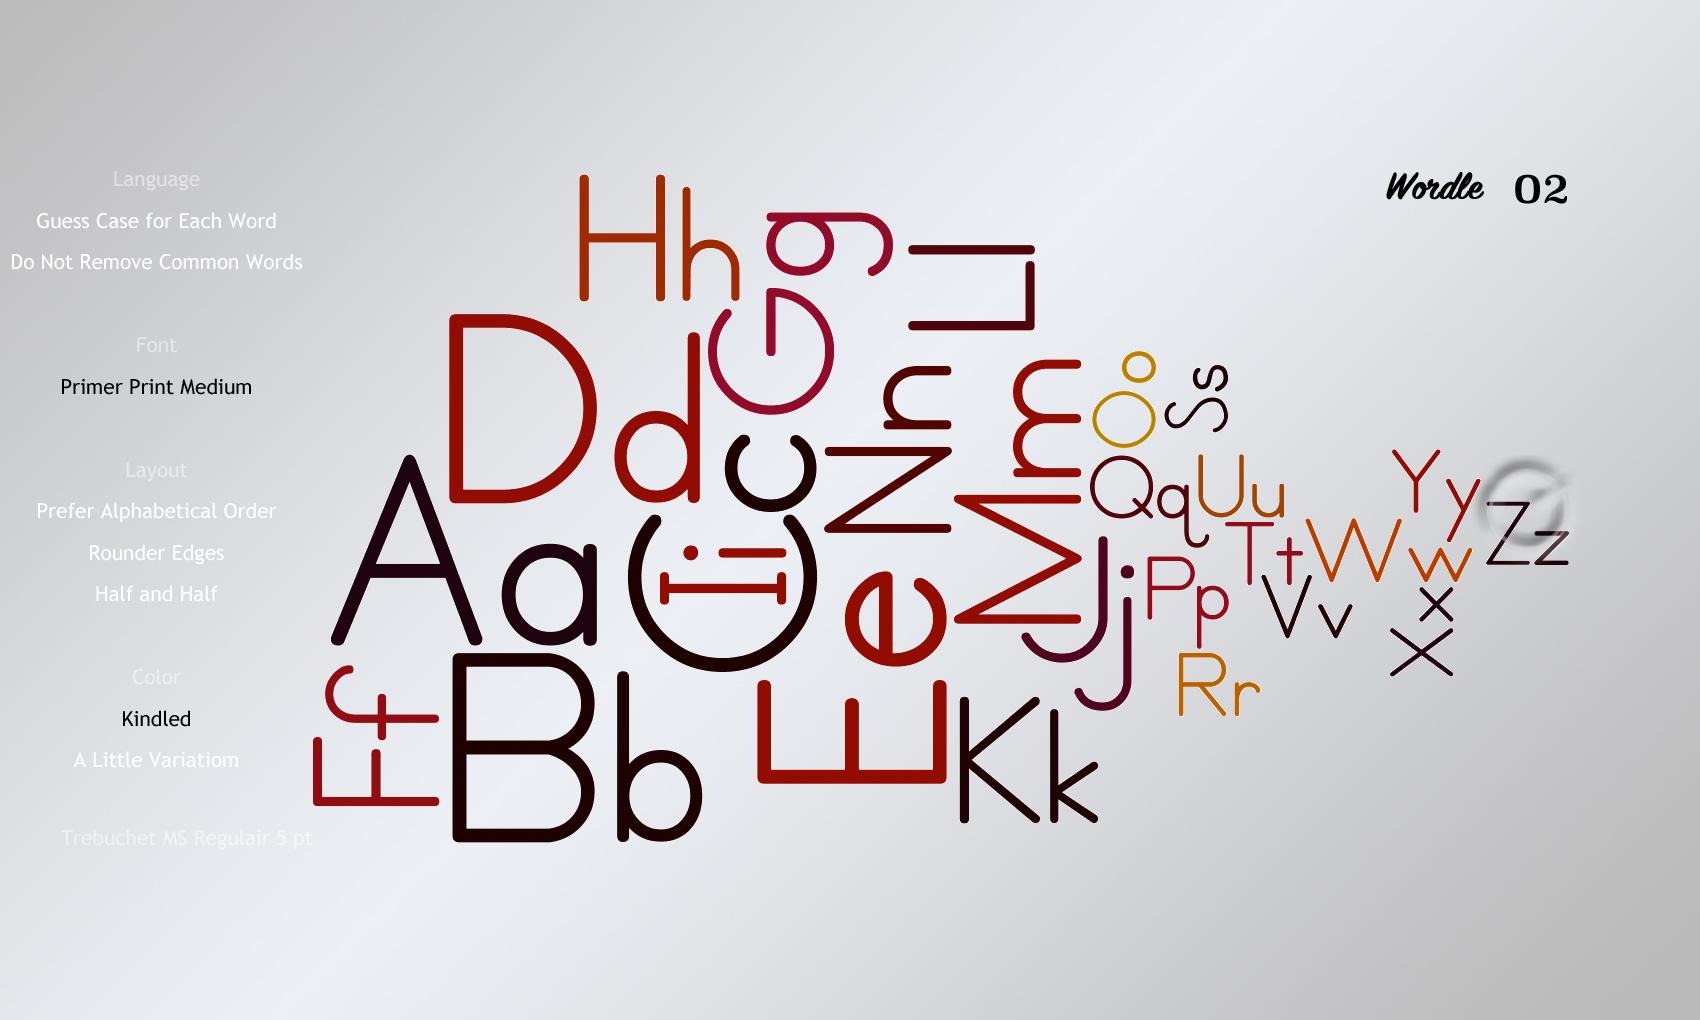 Wordle02 Primer Print Medium